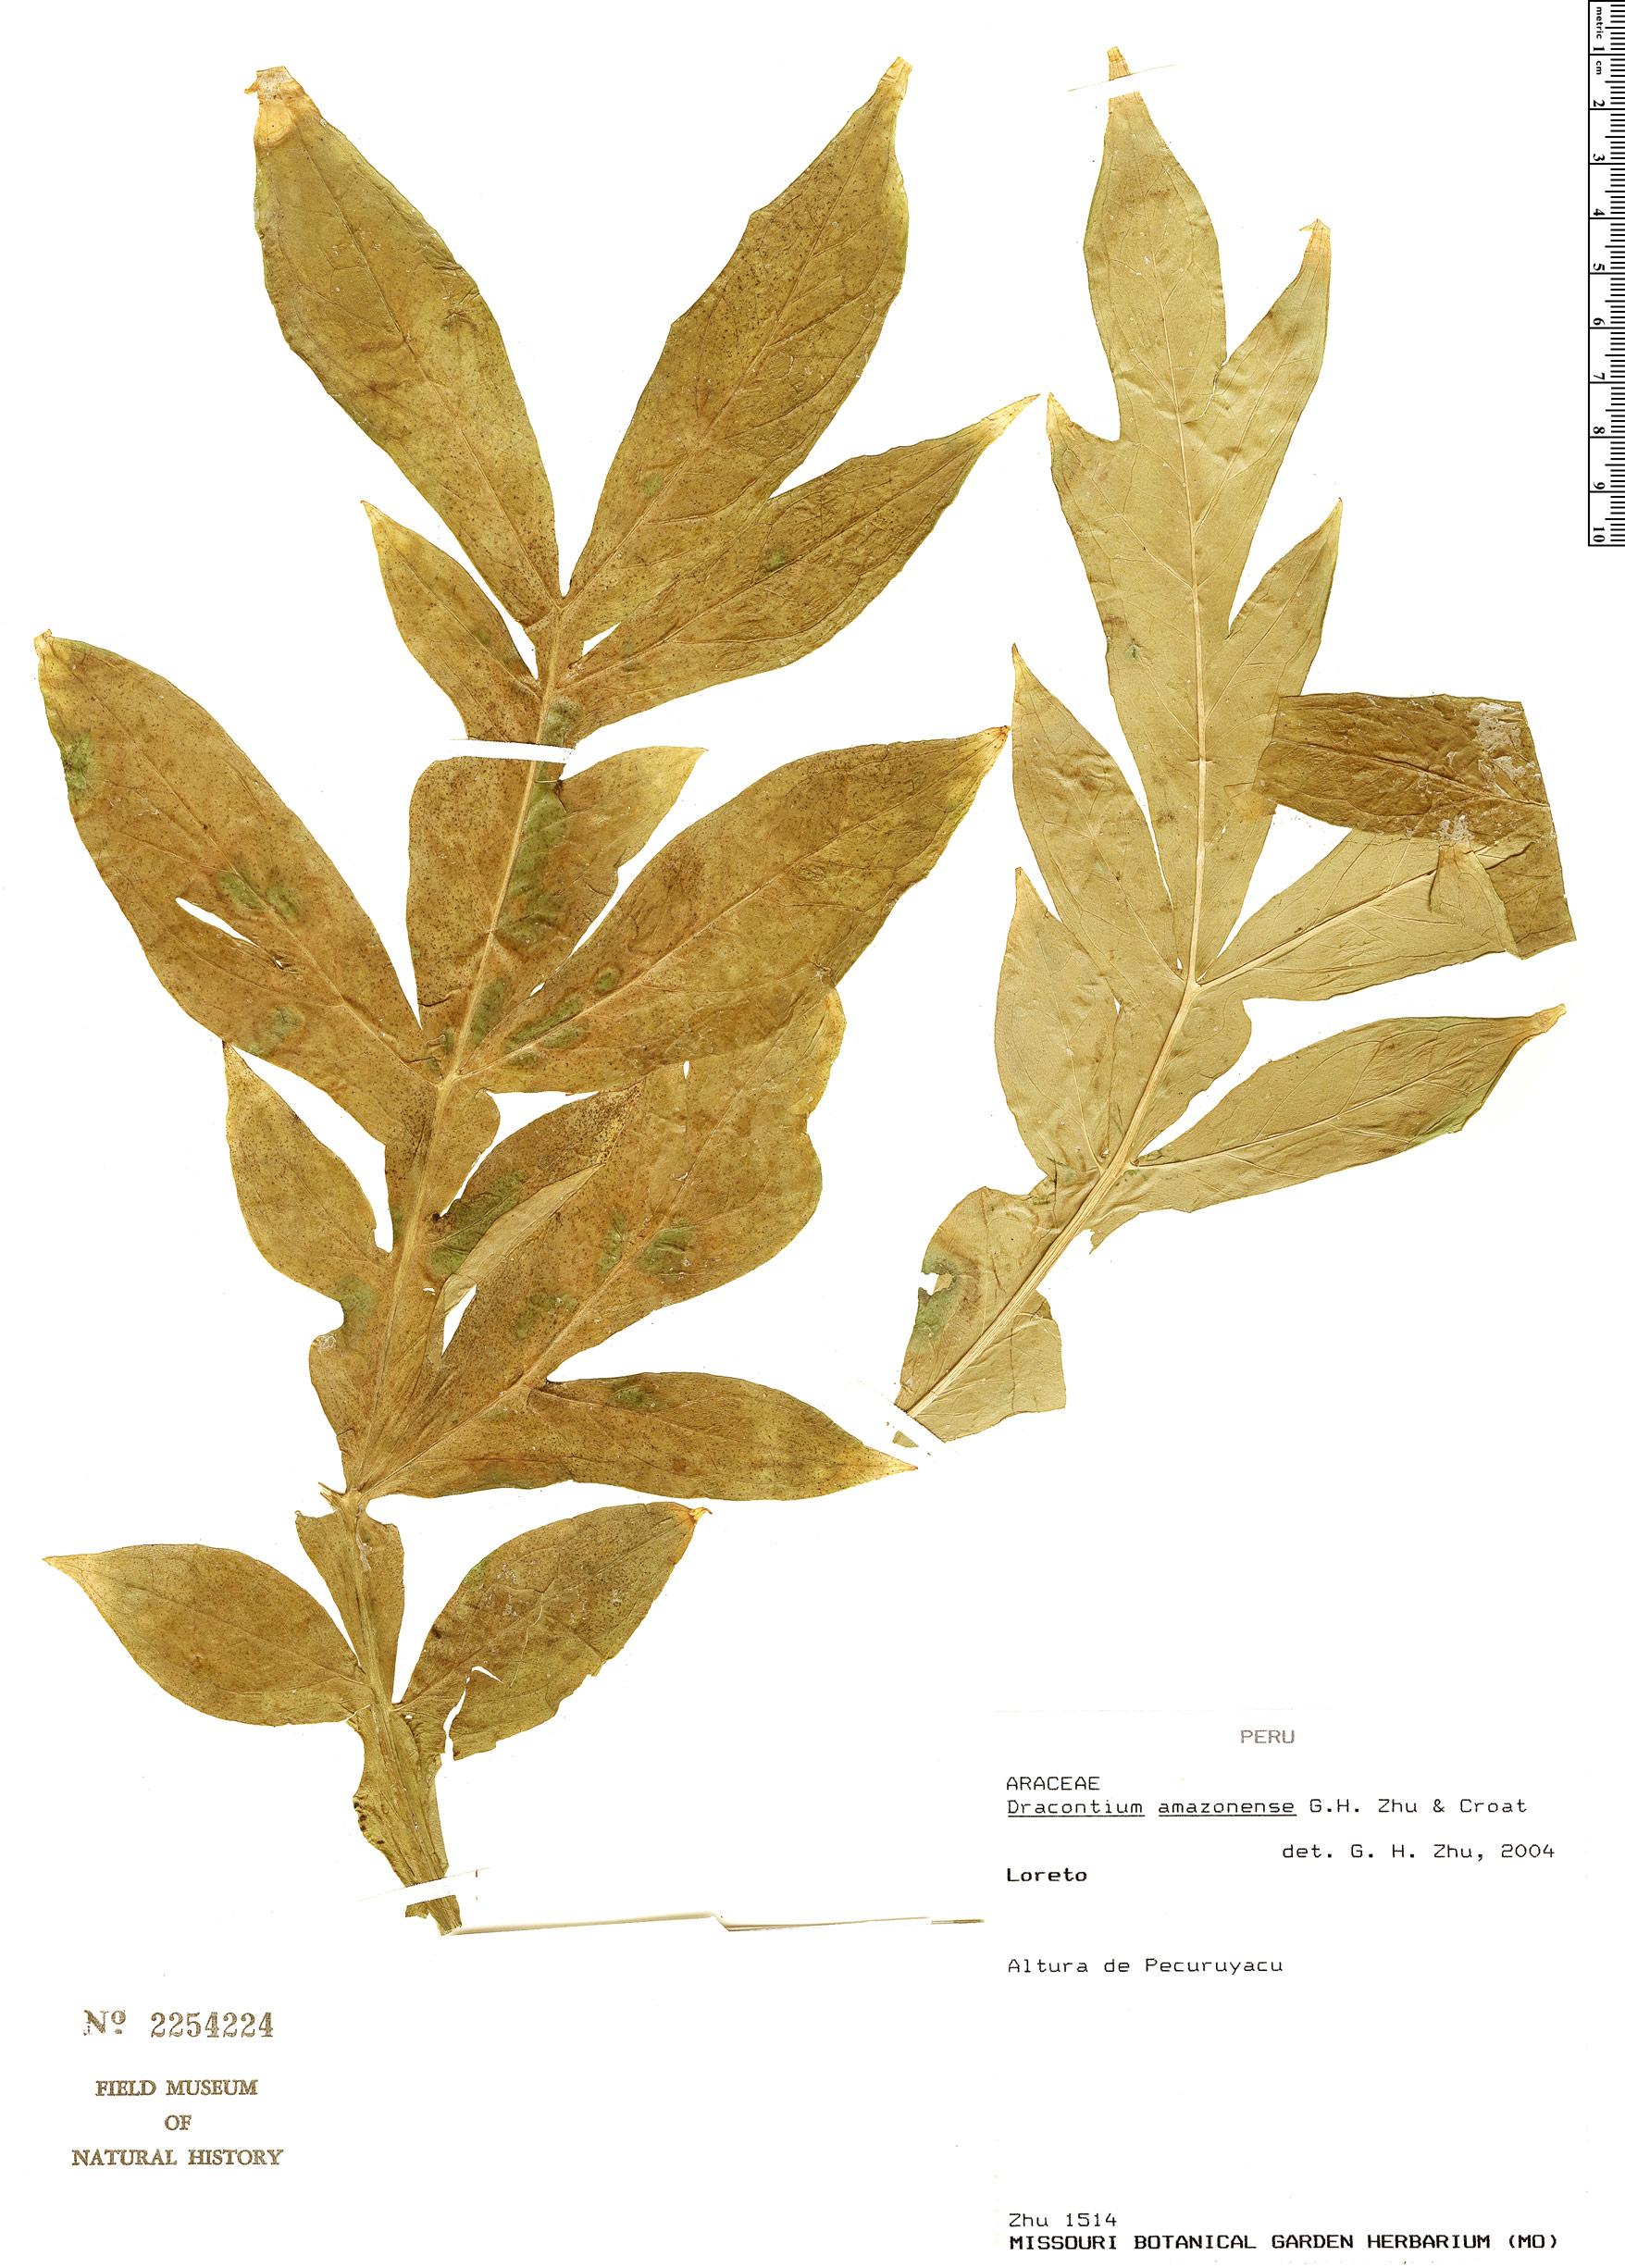 Specimen: Dracontium amazonense